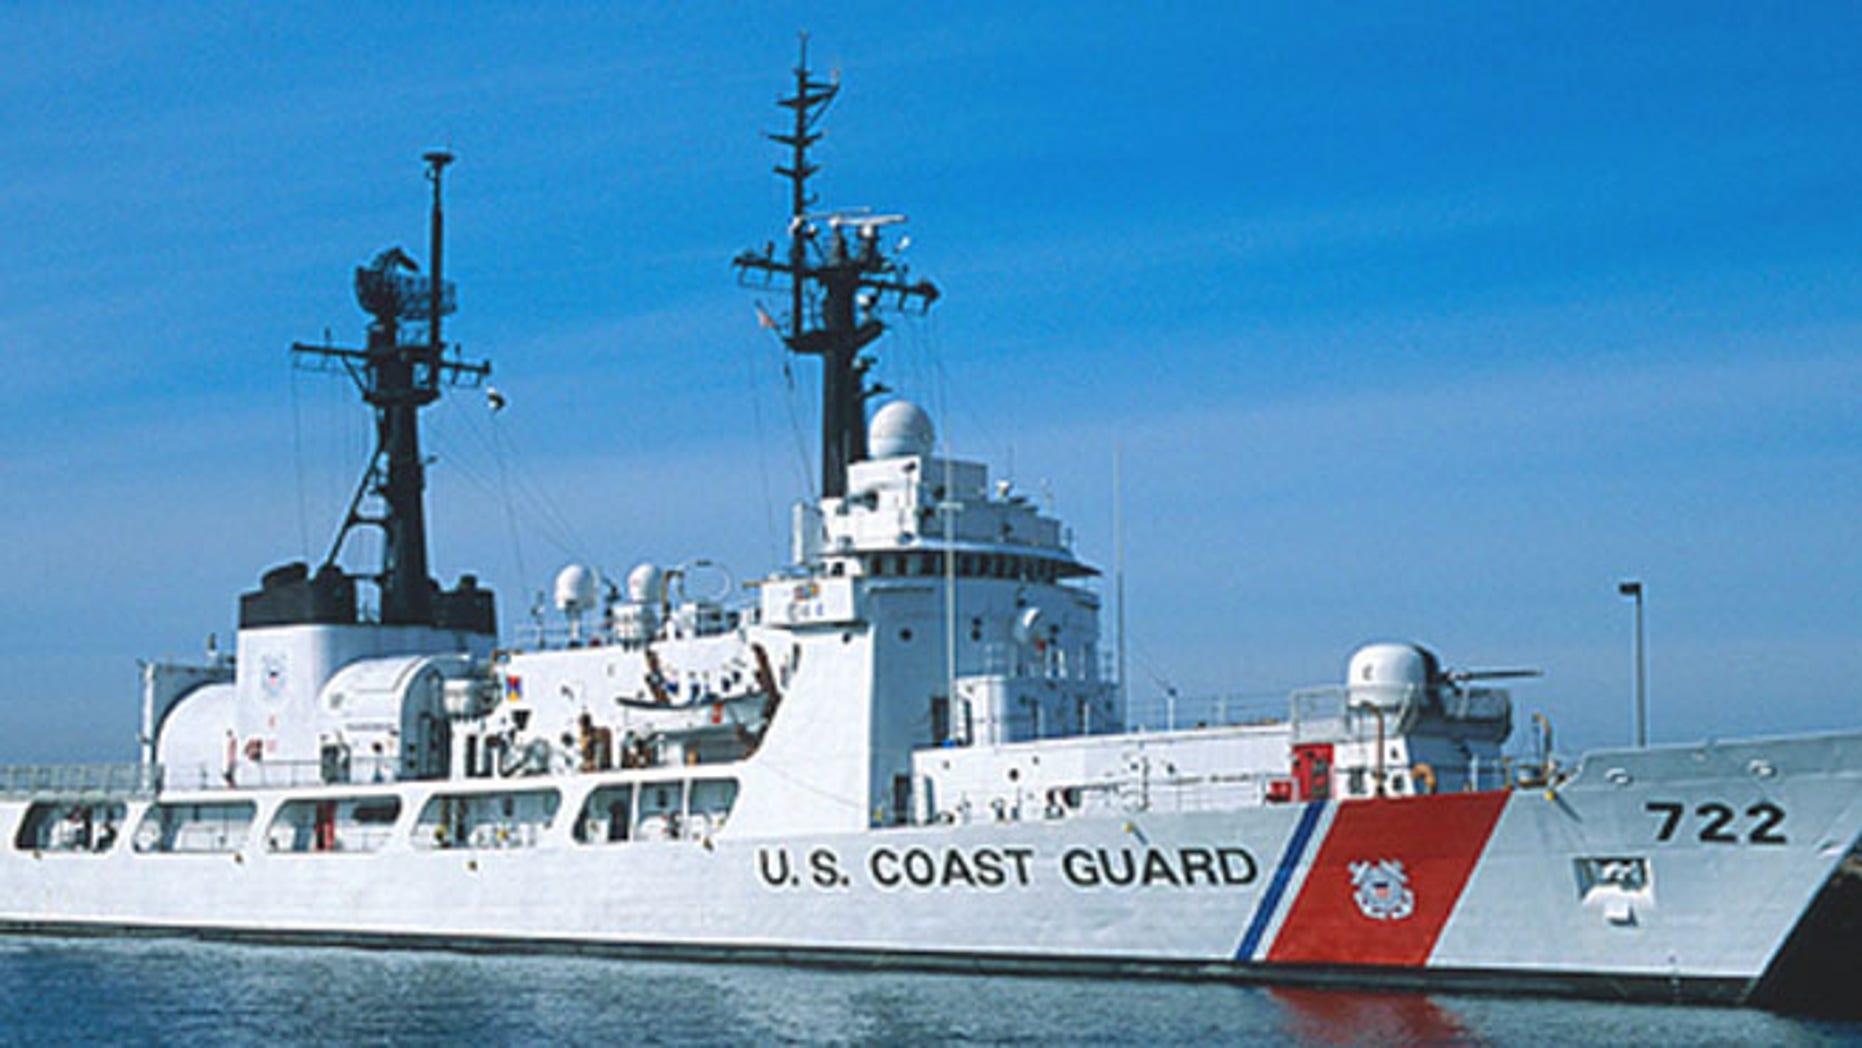 USCG cutter Morgenthau. (U.S. Coast Guard)